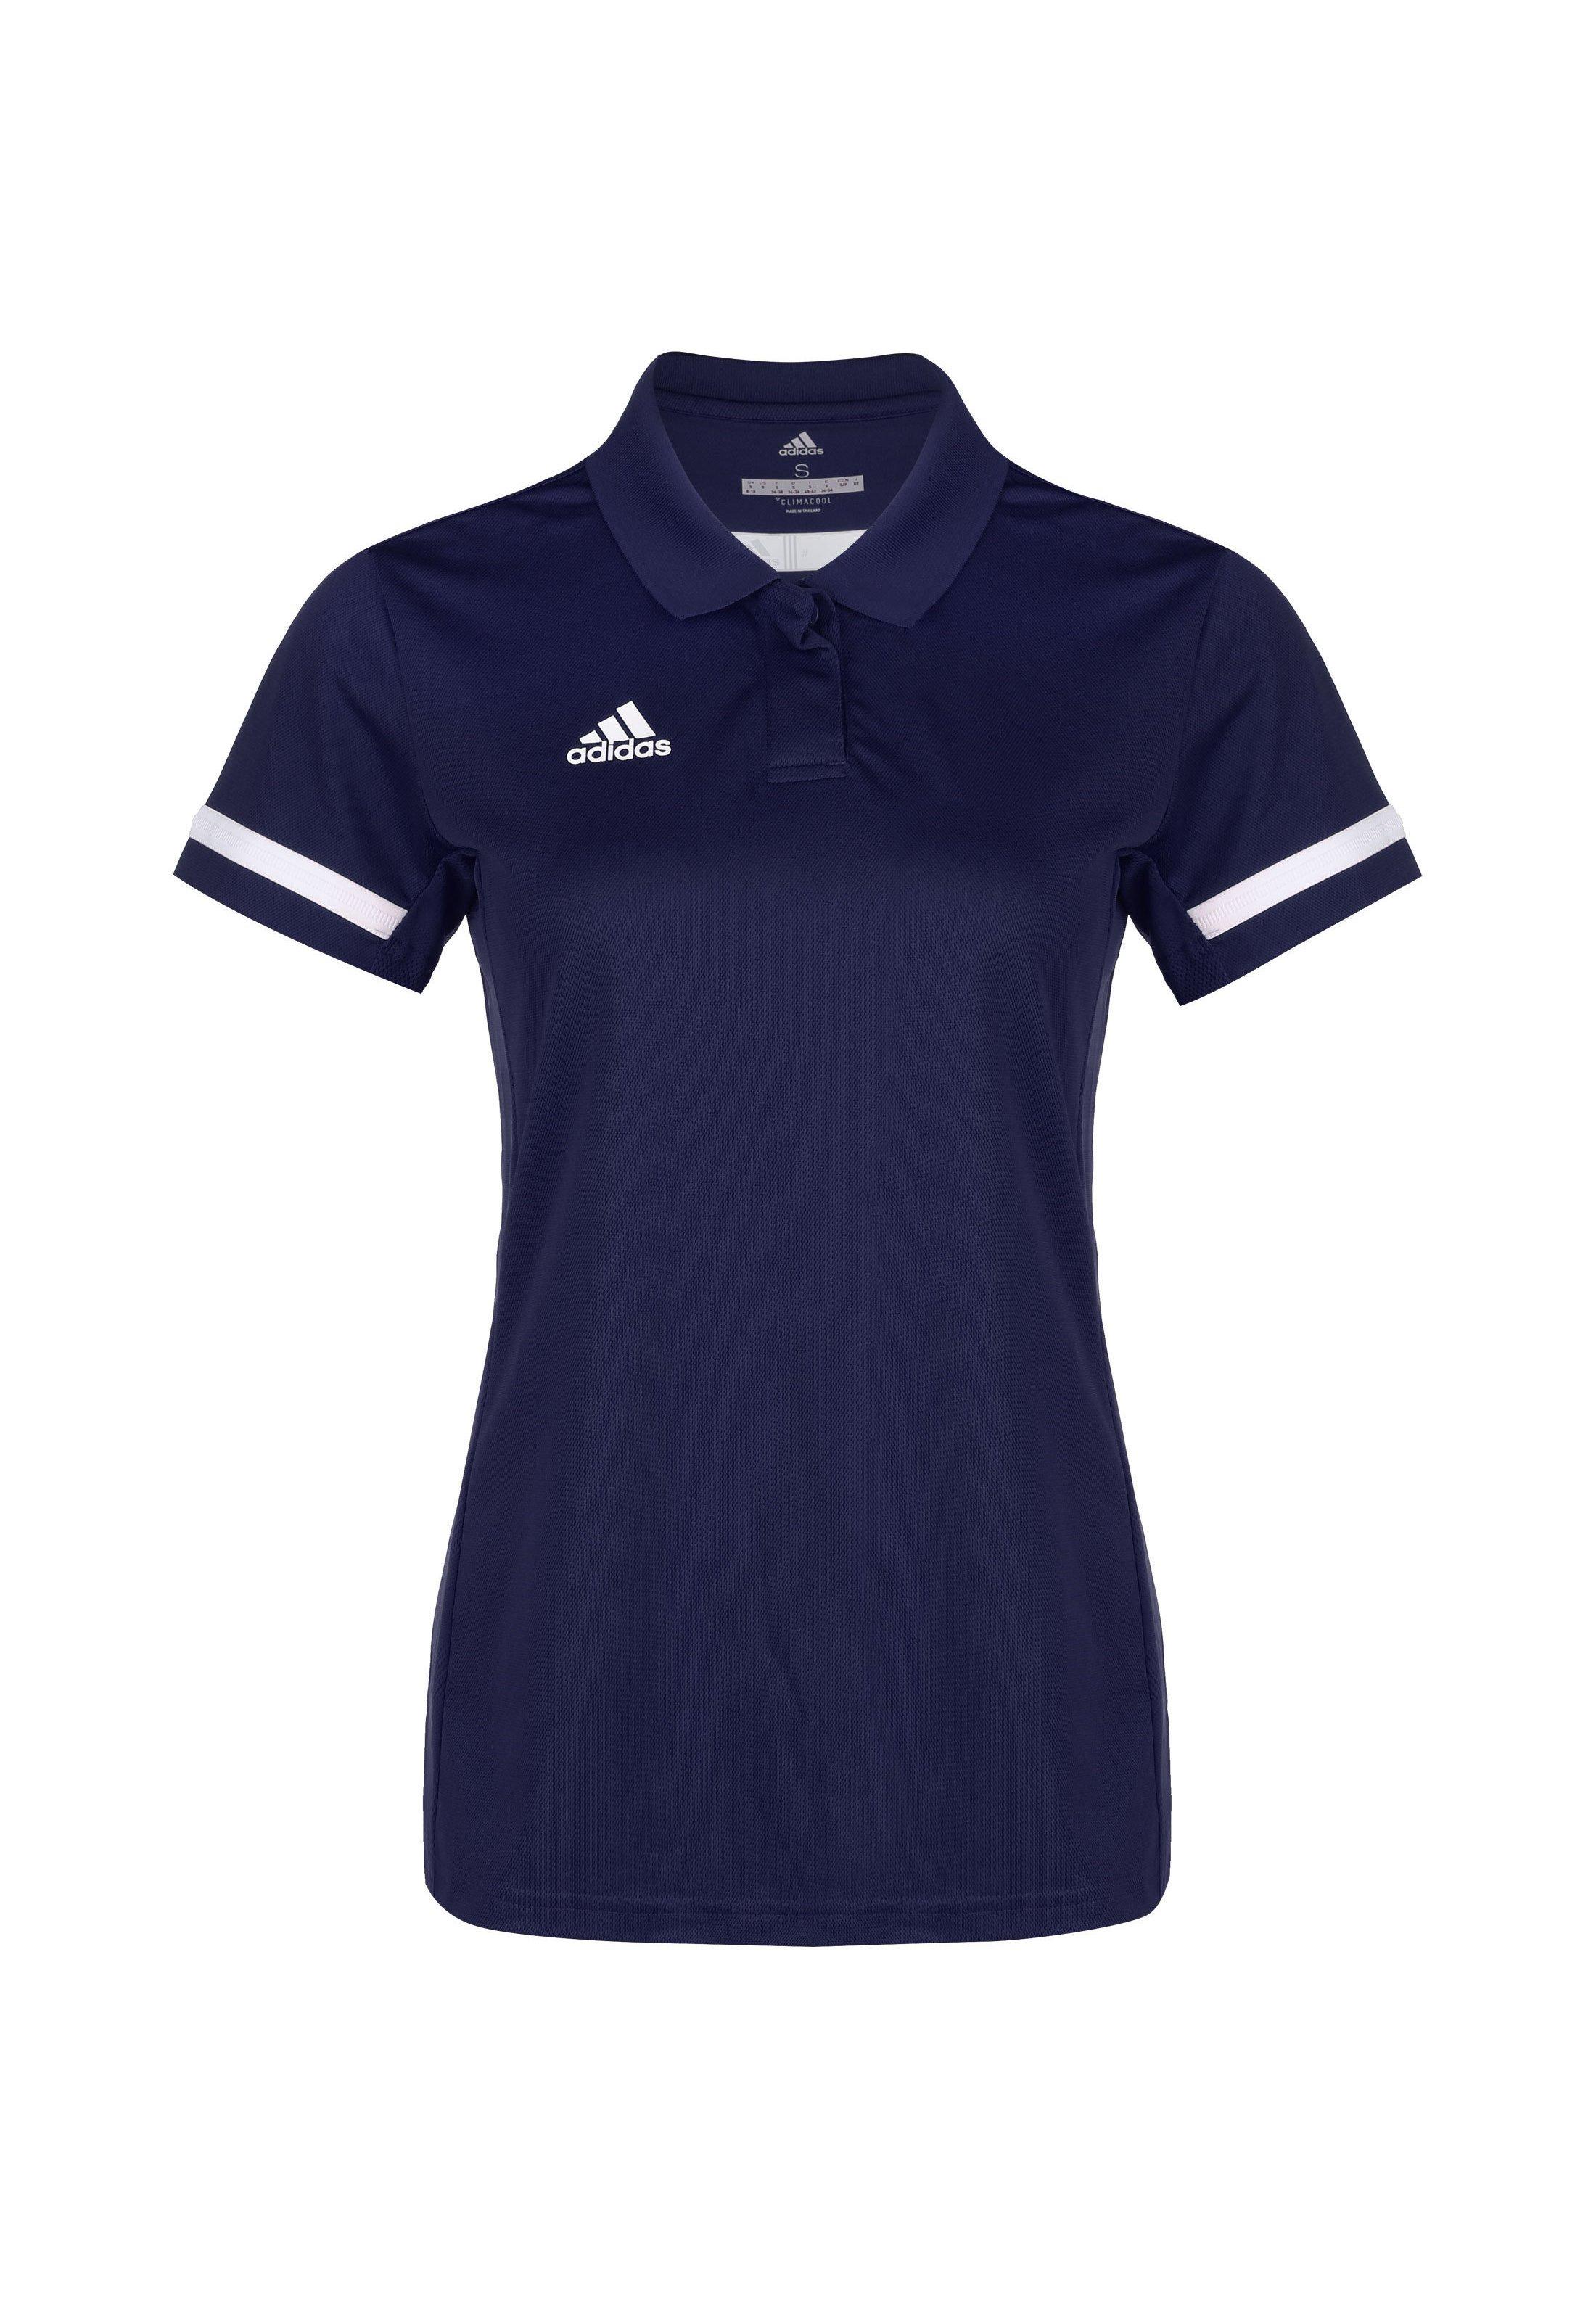 Femme TEAM 19 POLOSHIRT DAMEN - T-shirt de sport